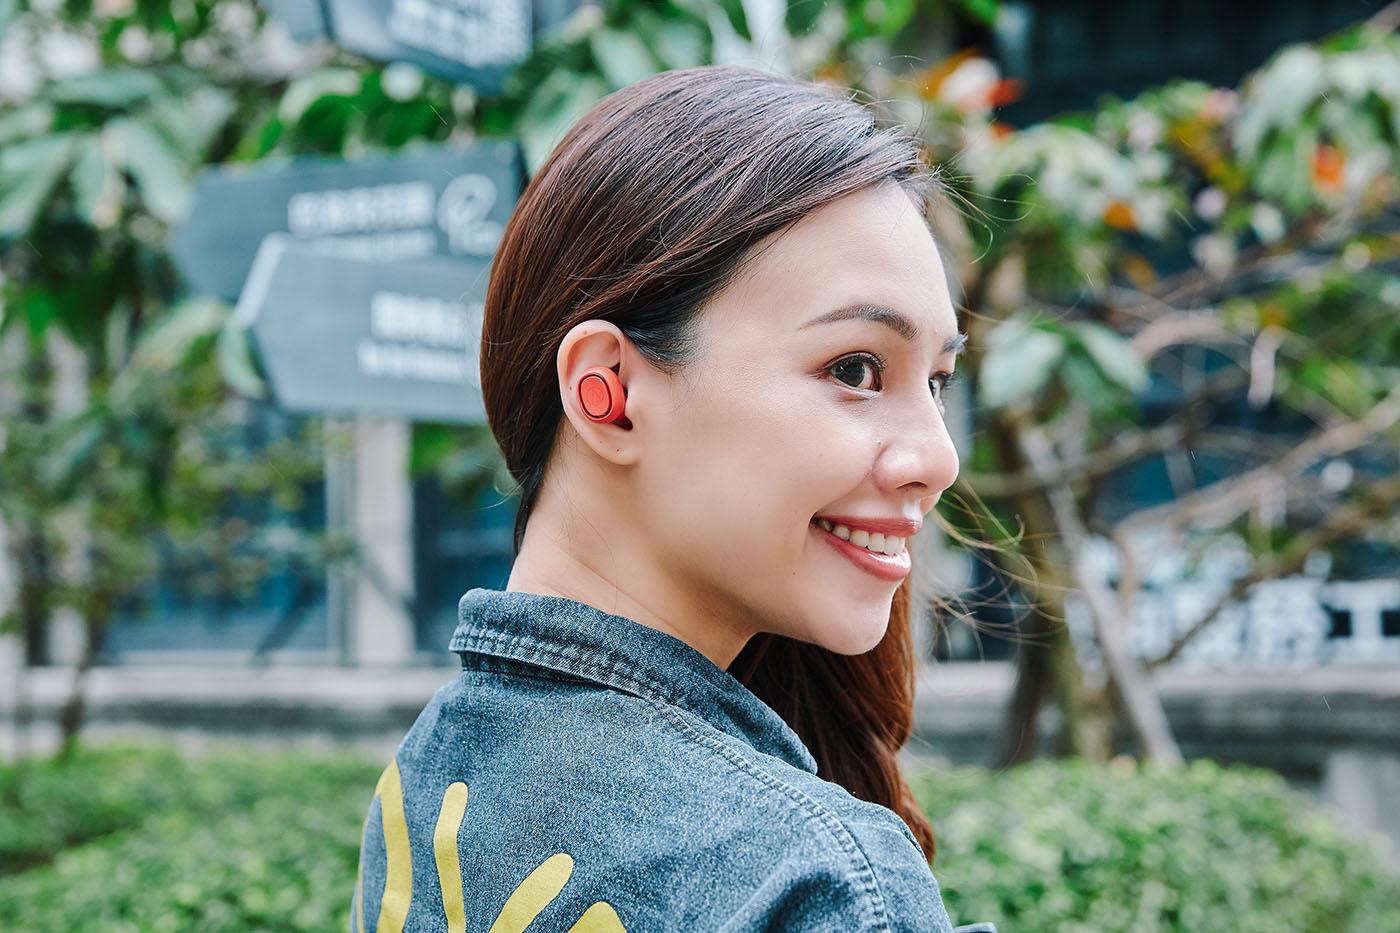 Audio-Technica ATH-CK3TW 真無線耳機搶先聽:小身軀、大震撼,讓音樂直搗心窩!